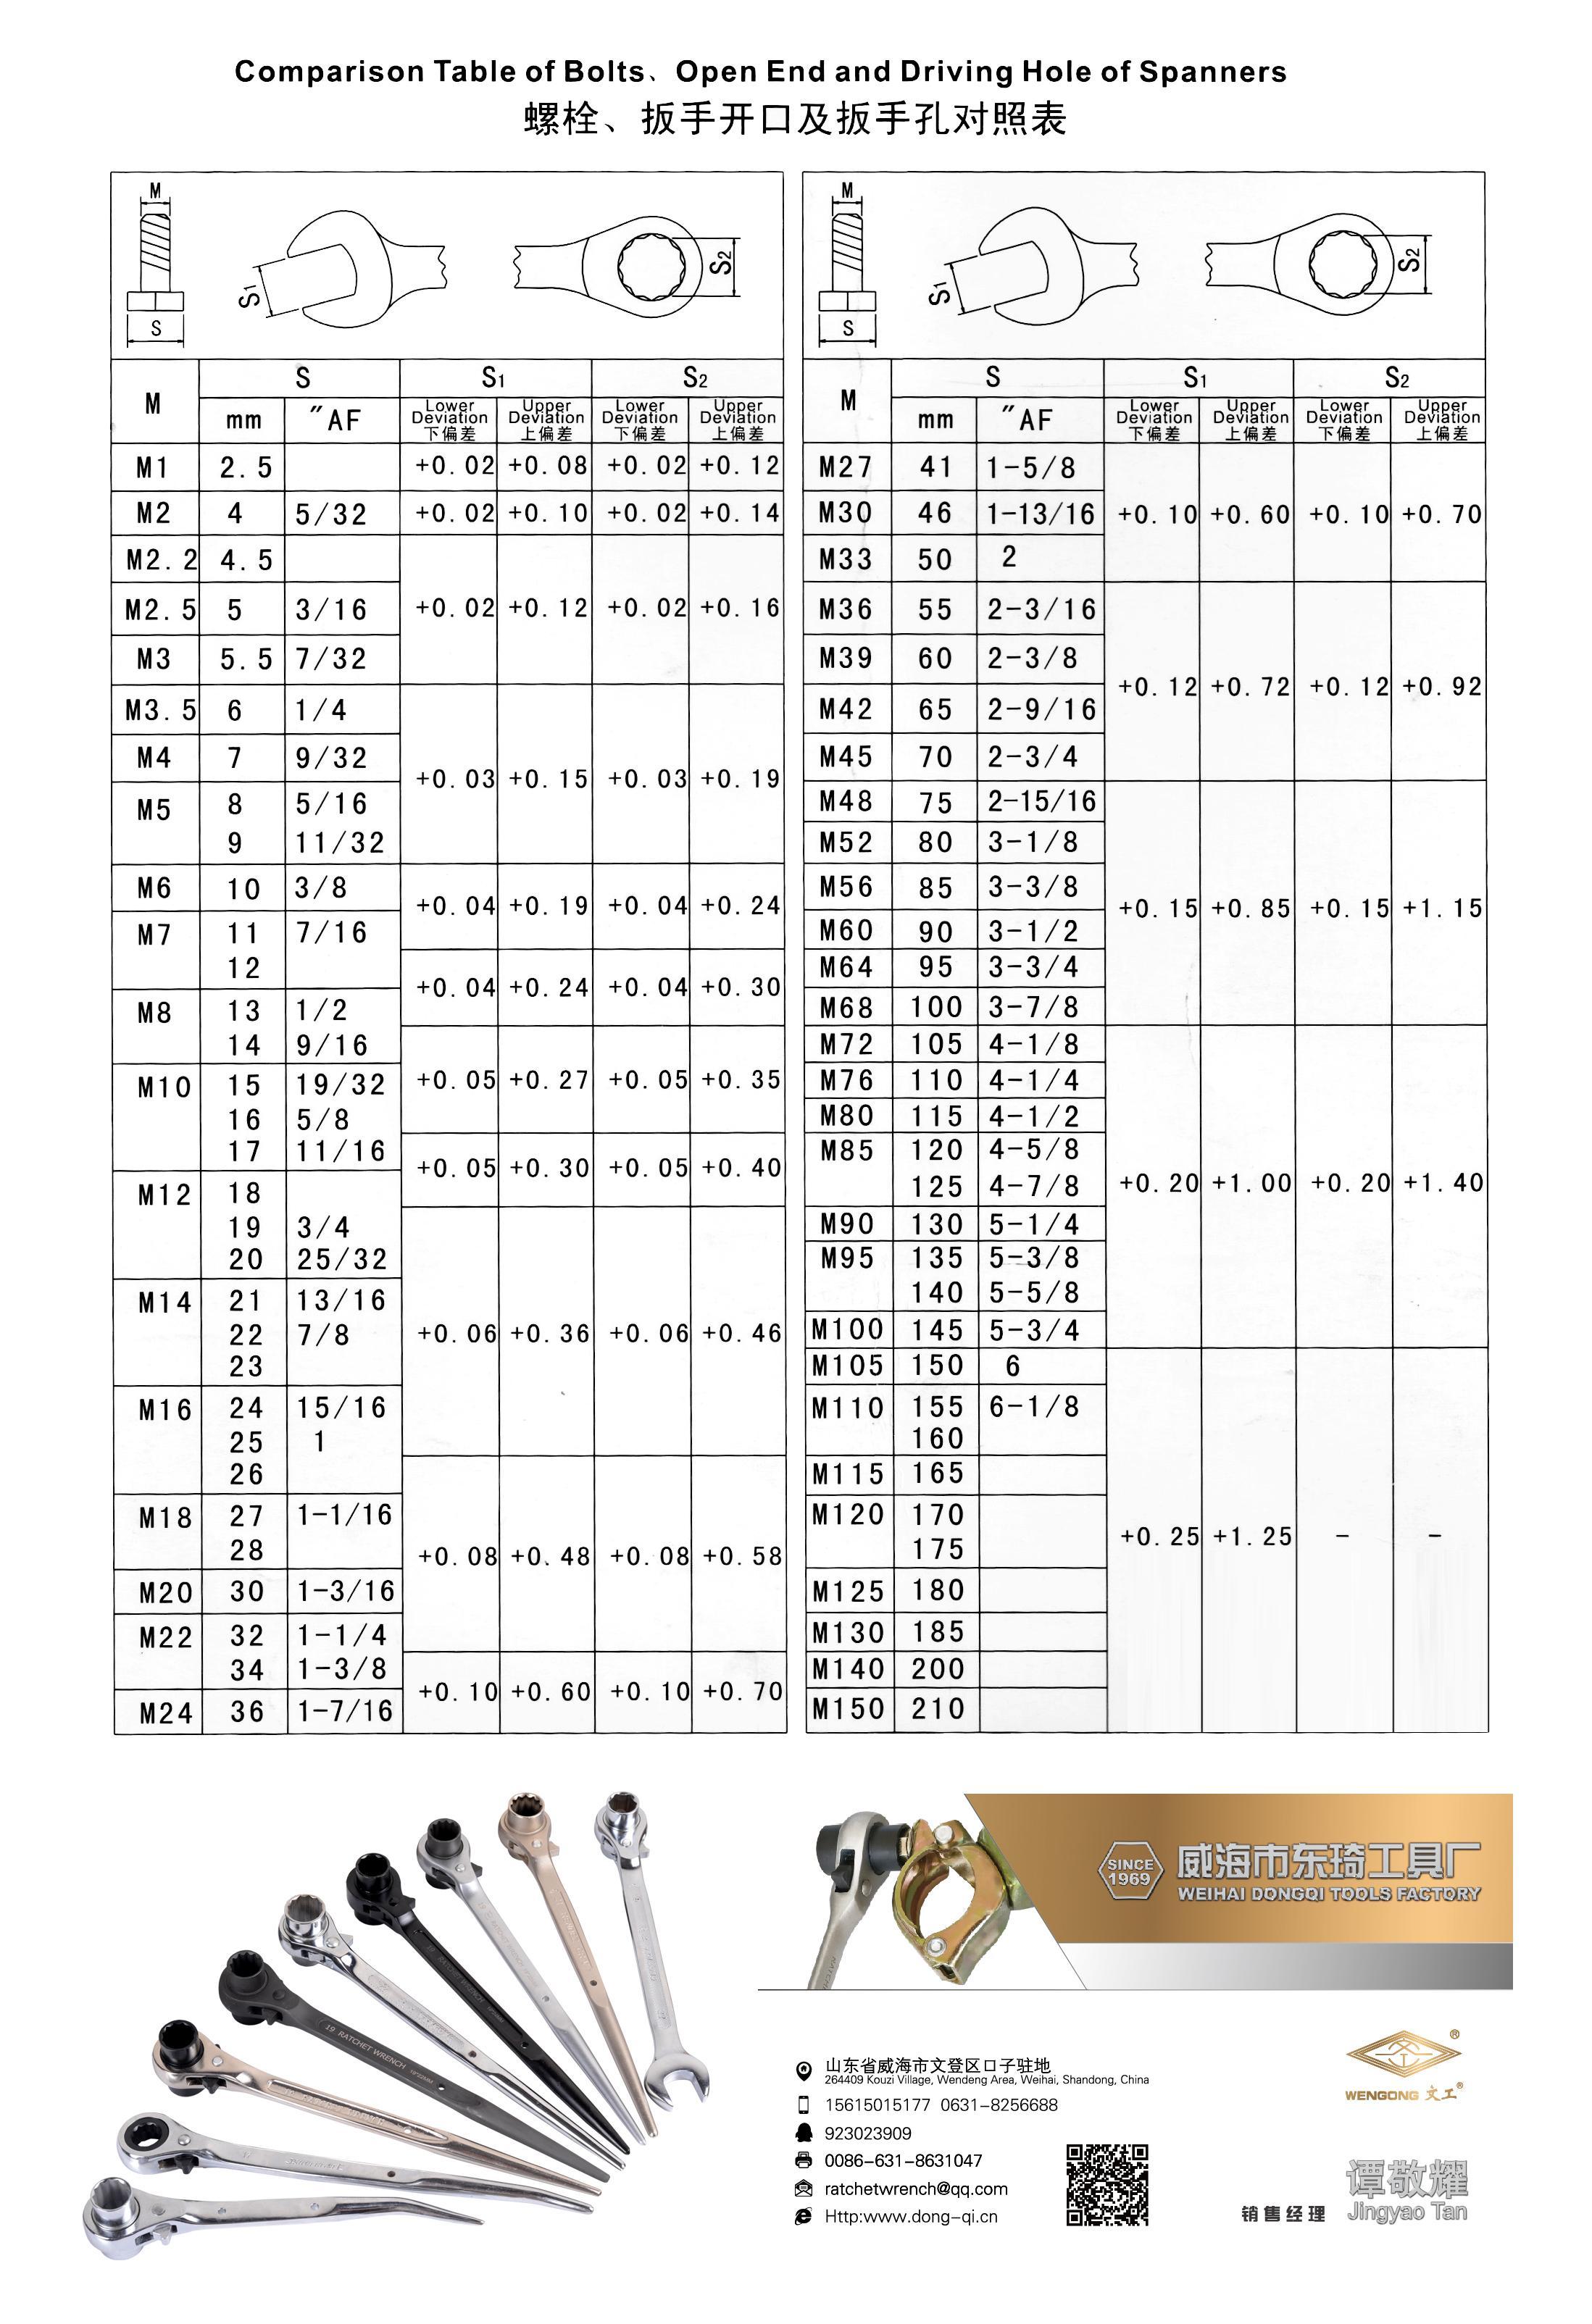 螺栓扳手开口及扳手孔套筒尺寸对照表,一个螺栓对应的扳手扳手规格是多大的?如果选择扳手尺寸?